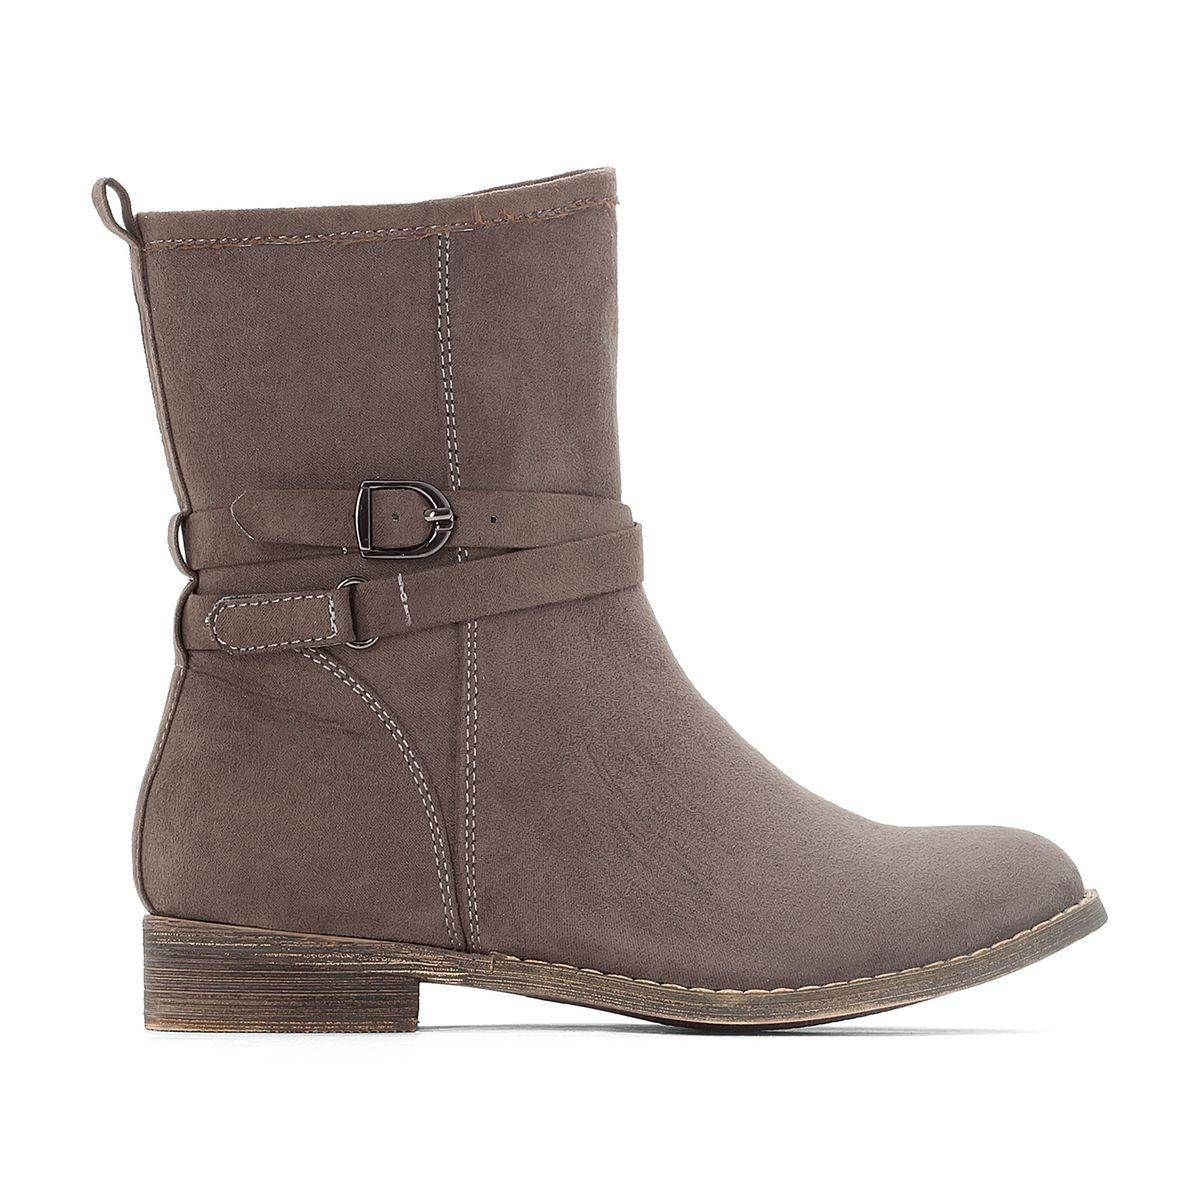 Boots avec boucle 28-35